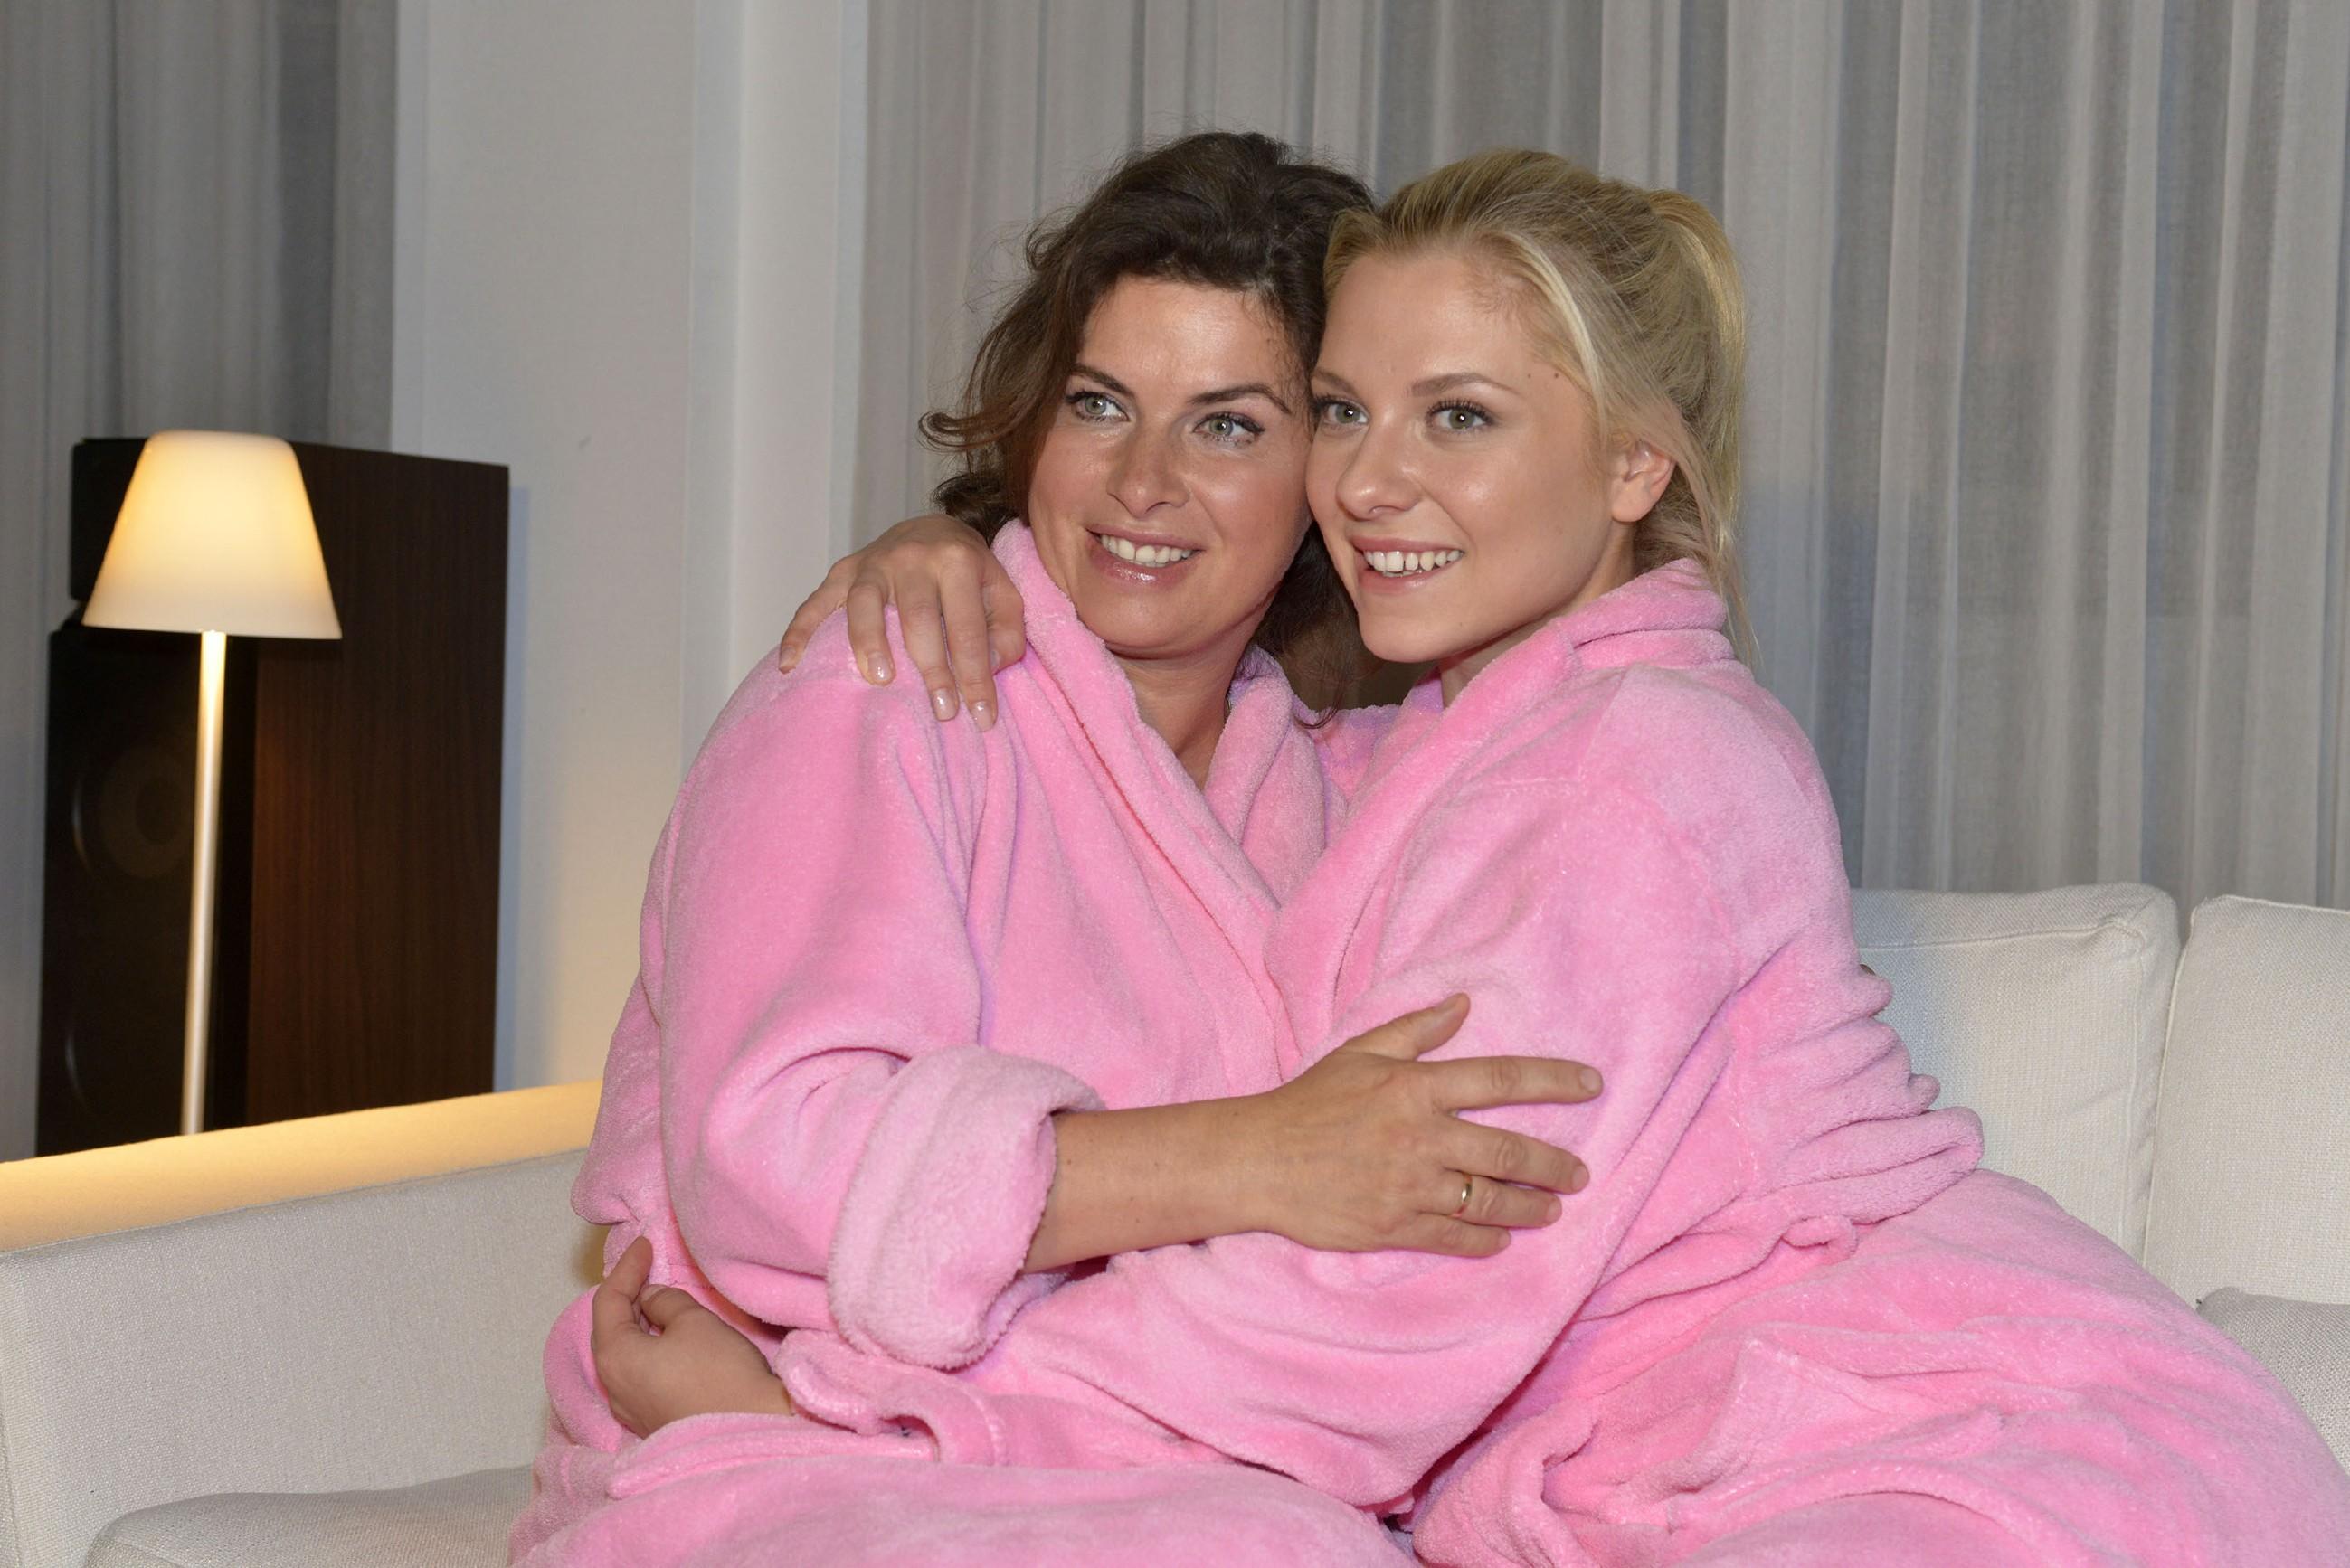 Vanessa (Anne Brendler, l.) freut sich mit Sunny (Valentina Pahde), die es kaum mehr abwarten kann, ihrem geliebten Vince endlich das Ja-Wort zu geben. (Quelle: RTL / Rolf Baumgartner)